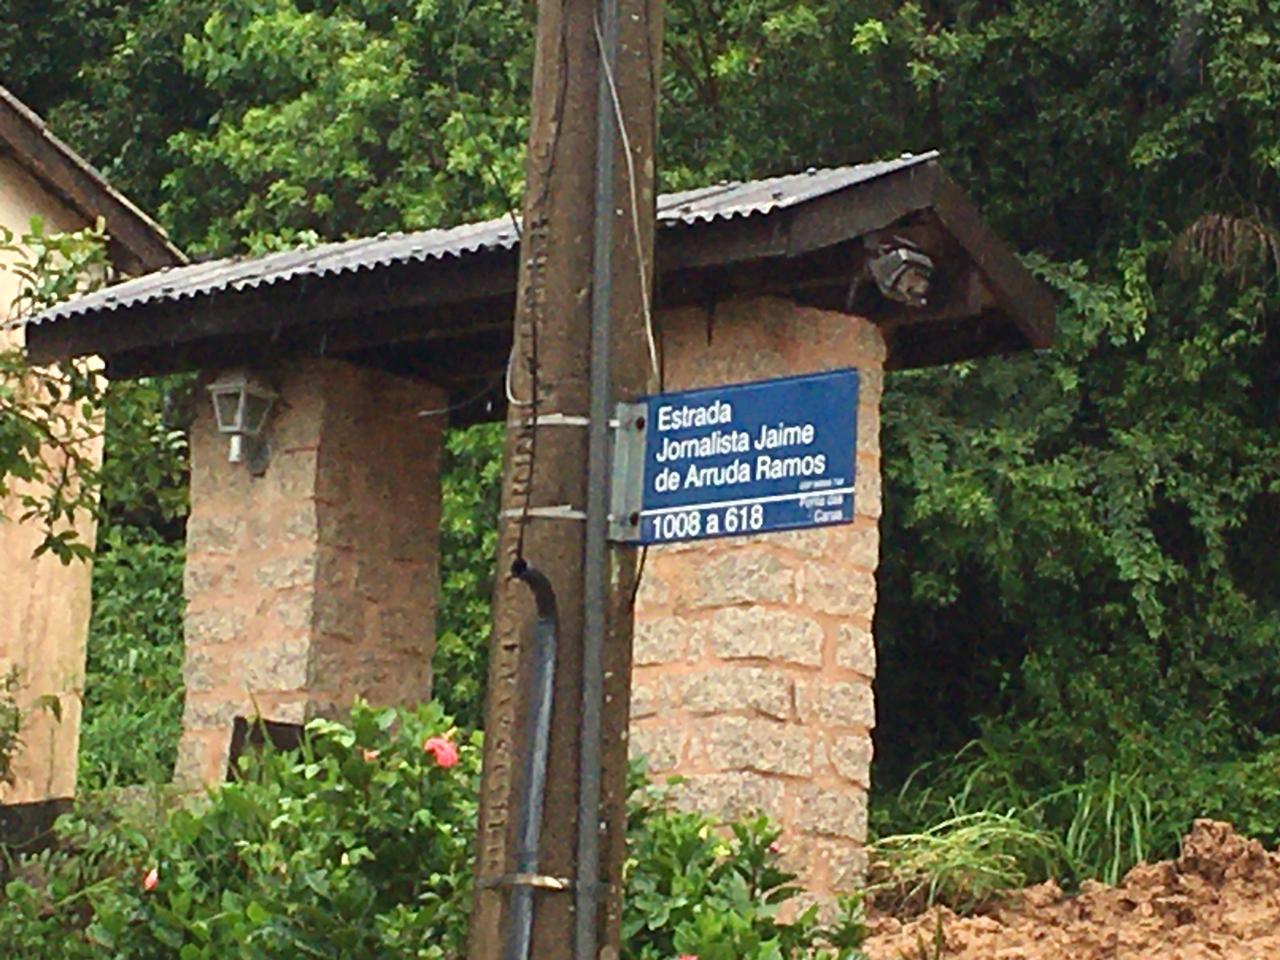 A estrada jornalista Jaime de Arruda Ramos, onde fica a pousada, é considerada uma via importante em Ponta das Canas. - Ana Vaz/ND